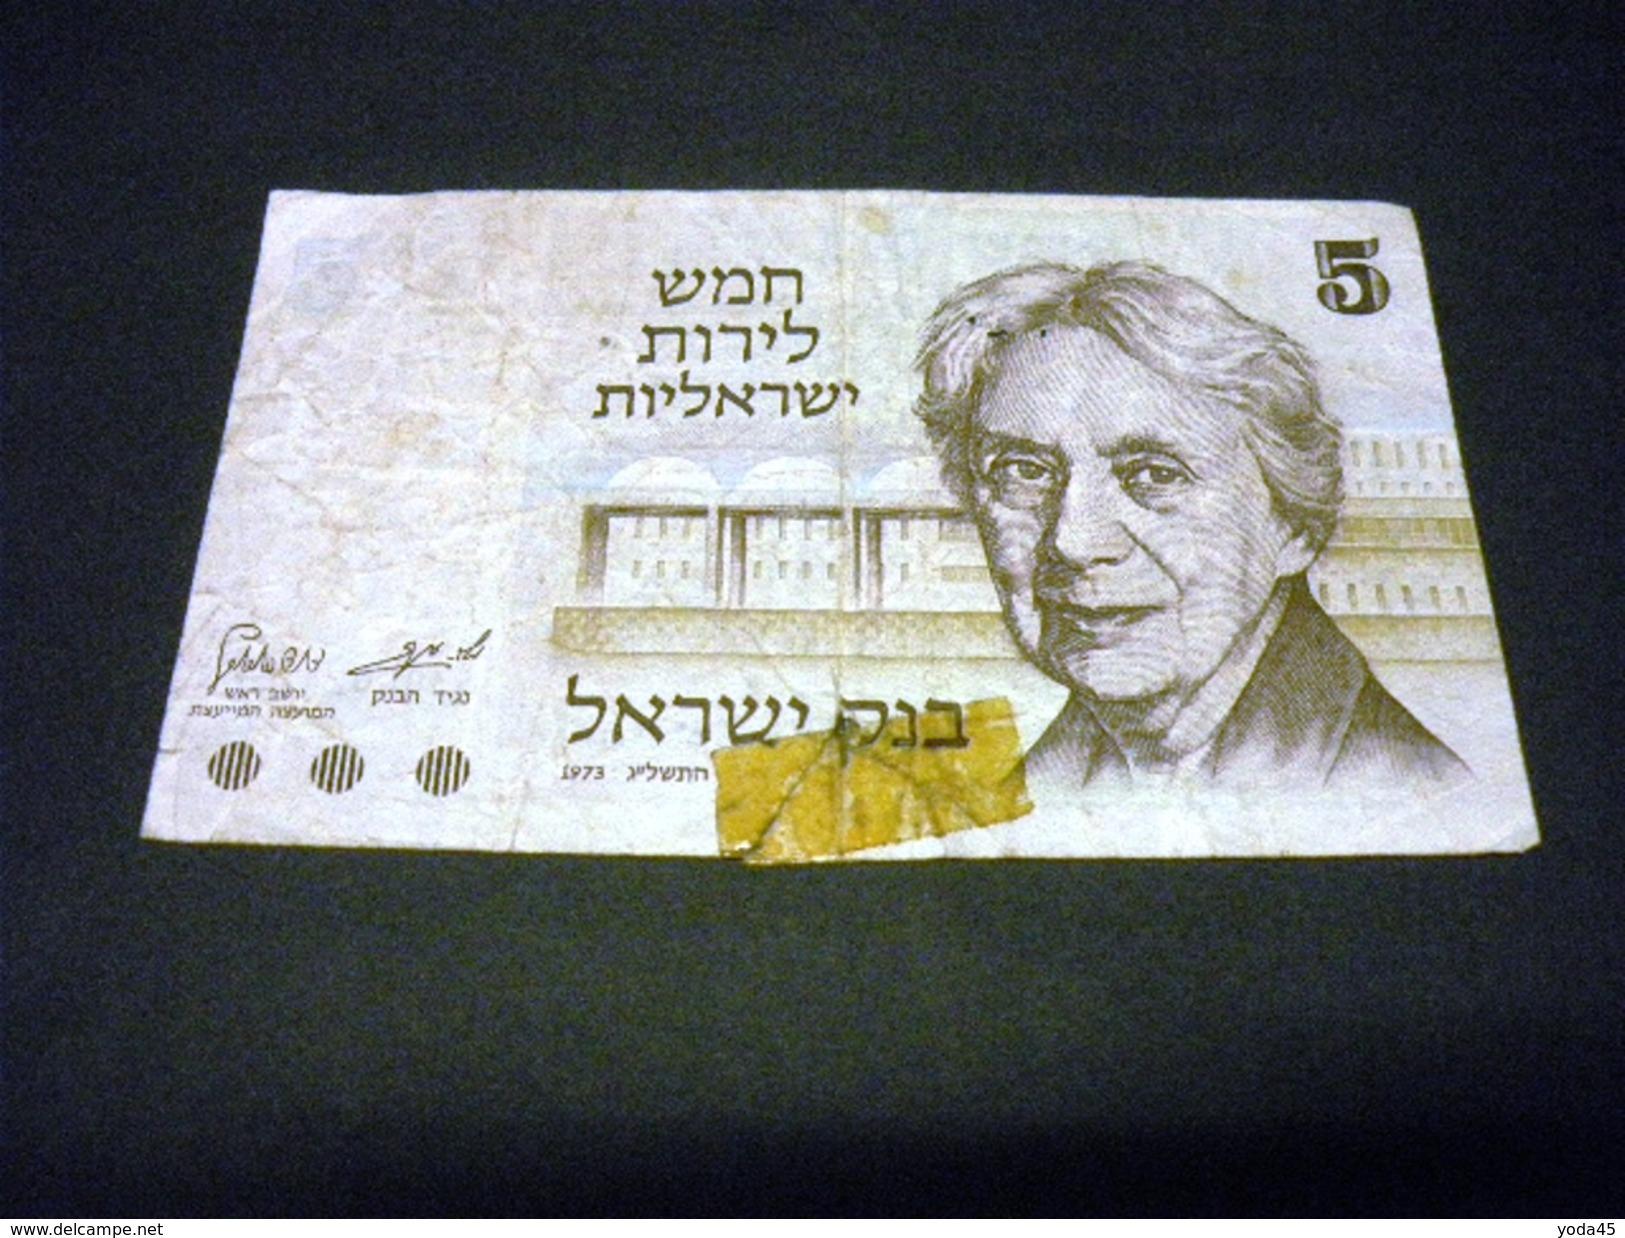 ISRAEL 5 Lirot 1973, Pick N° 38, ISRAEL - Israel